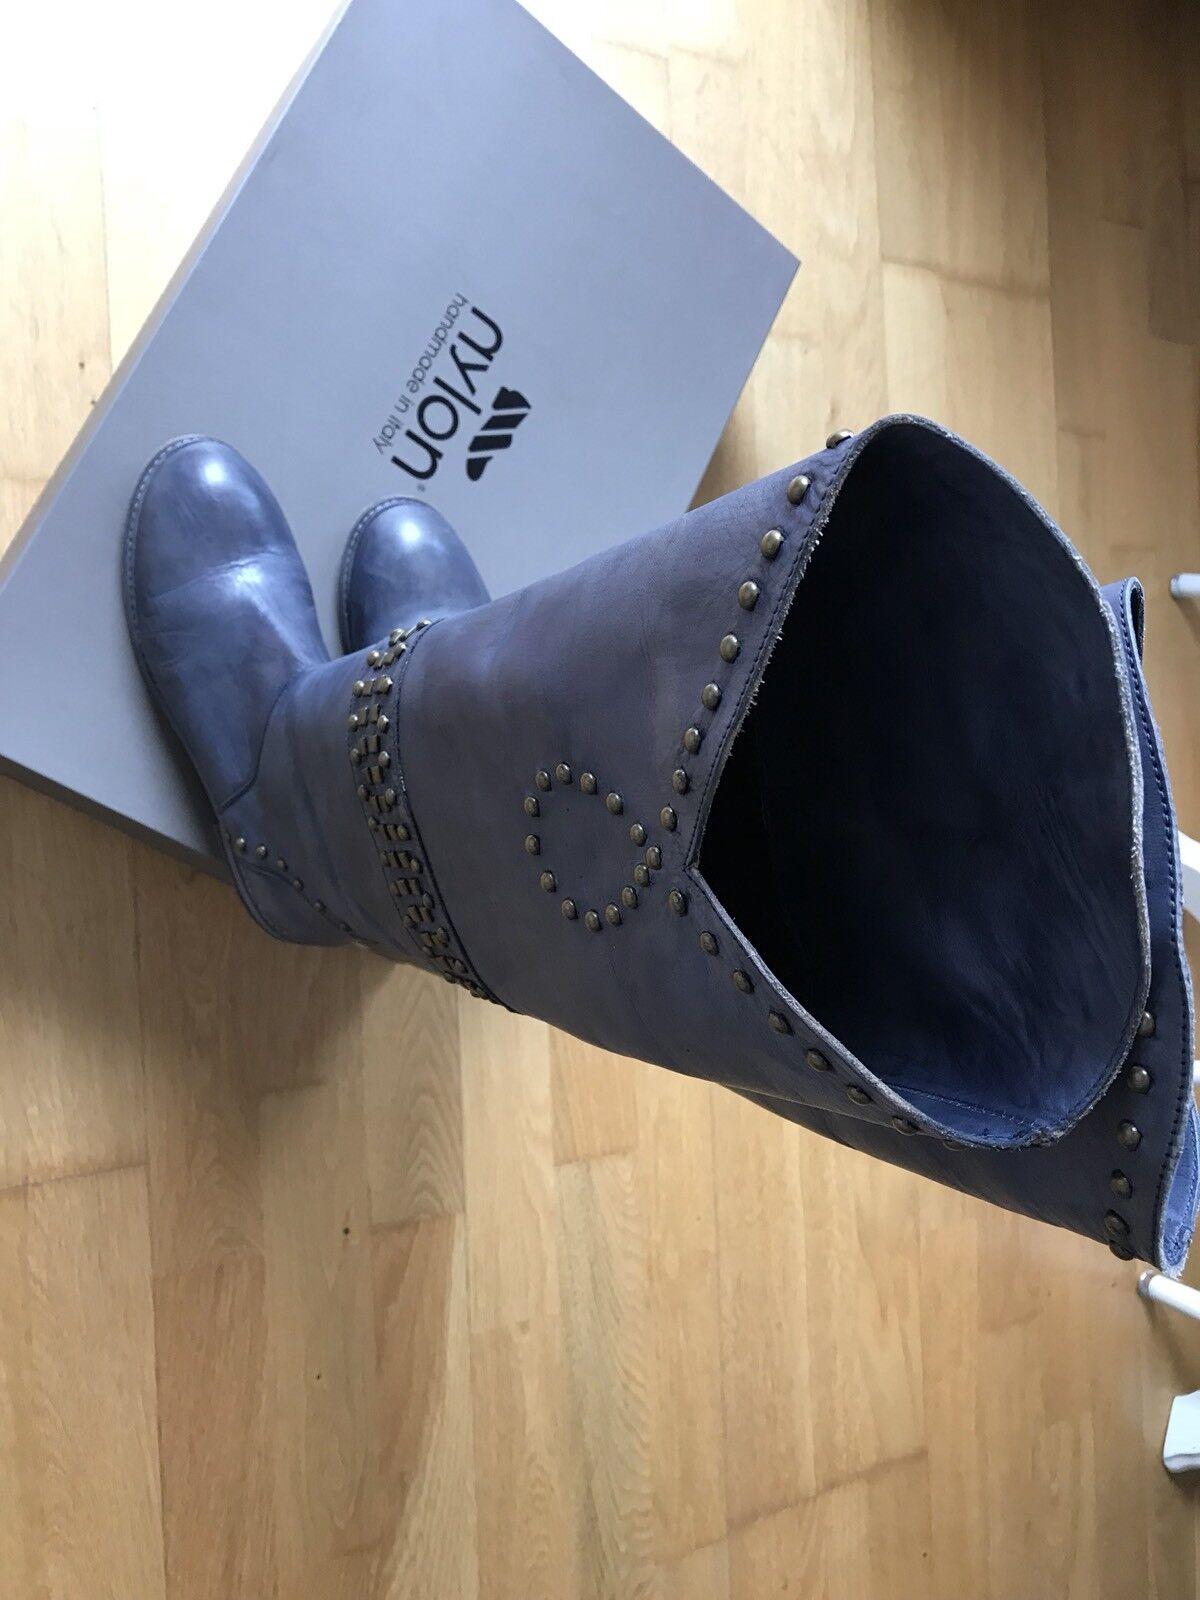 Nylon Stiefel handmade in  Jeans Blau Nieten Festival Look Gr. 39 wie neu